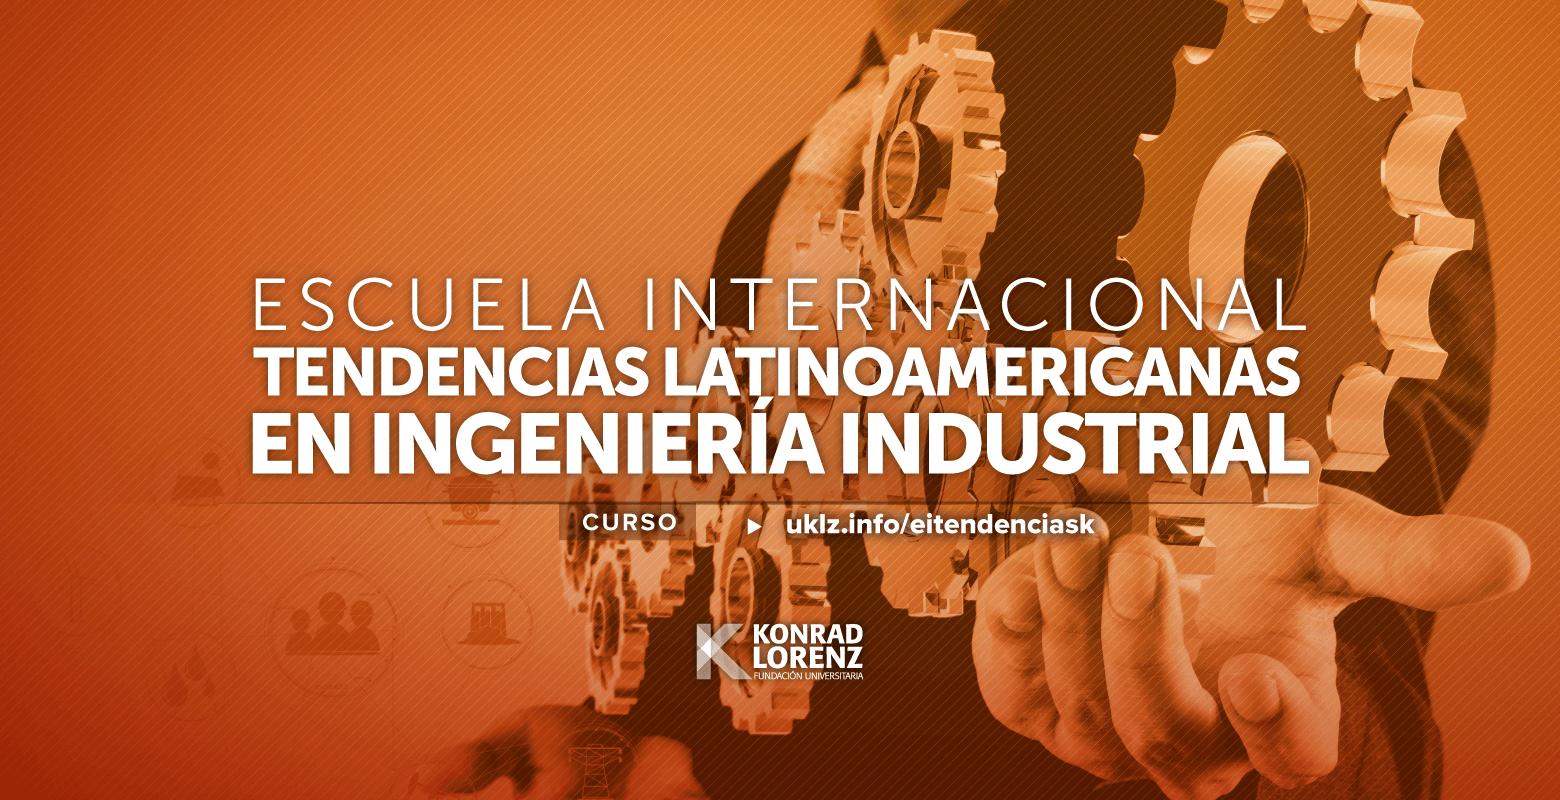 Escuela Internacional Tendencias Latinoamericanas en Ingeniería Industrial